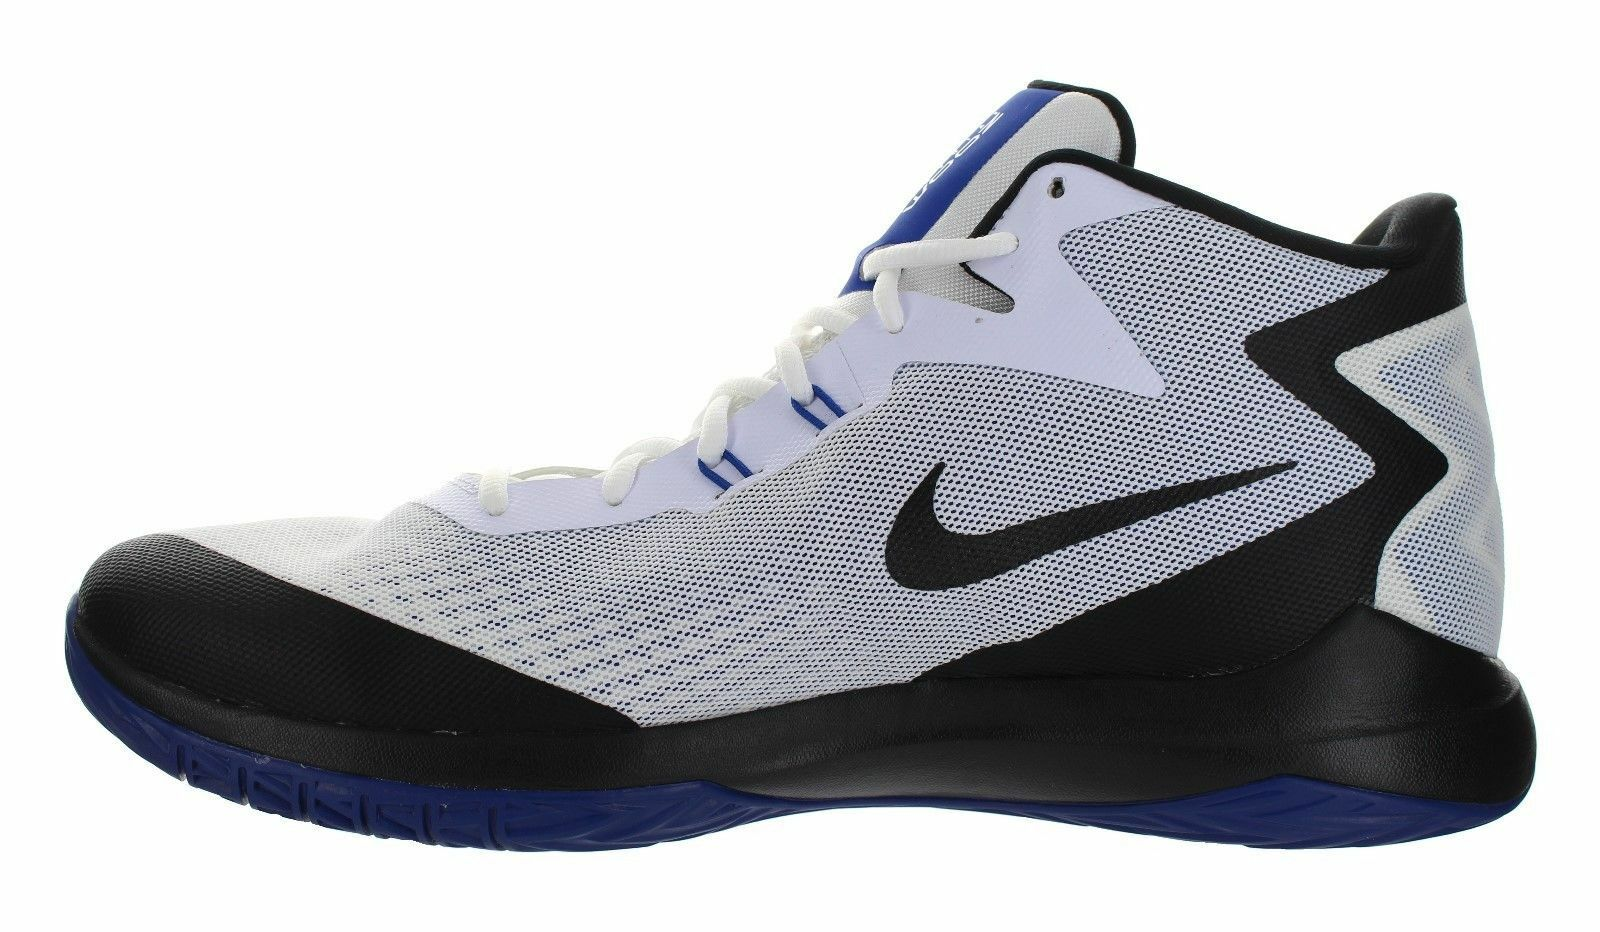 Nike zoom prove scarpe da basket sz 12 - bianco nero blu - 852464 104